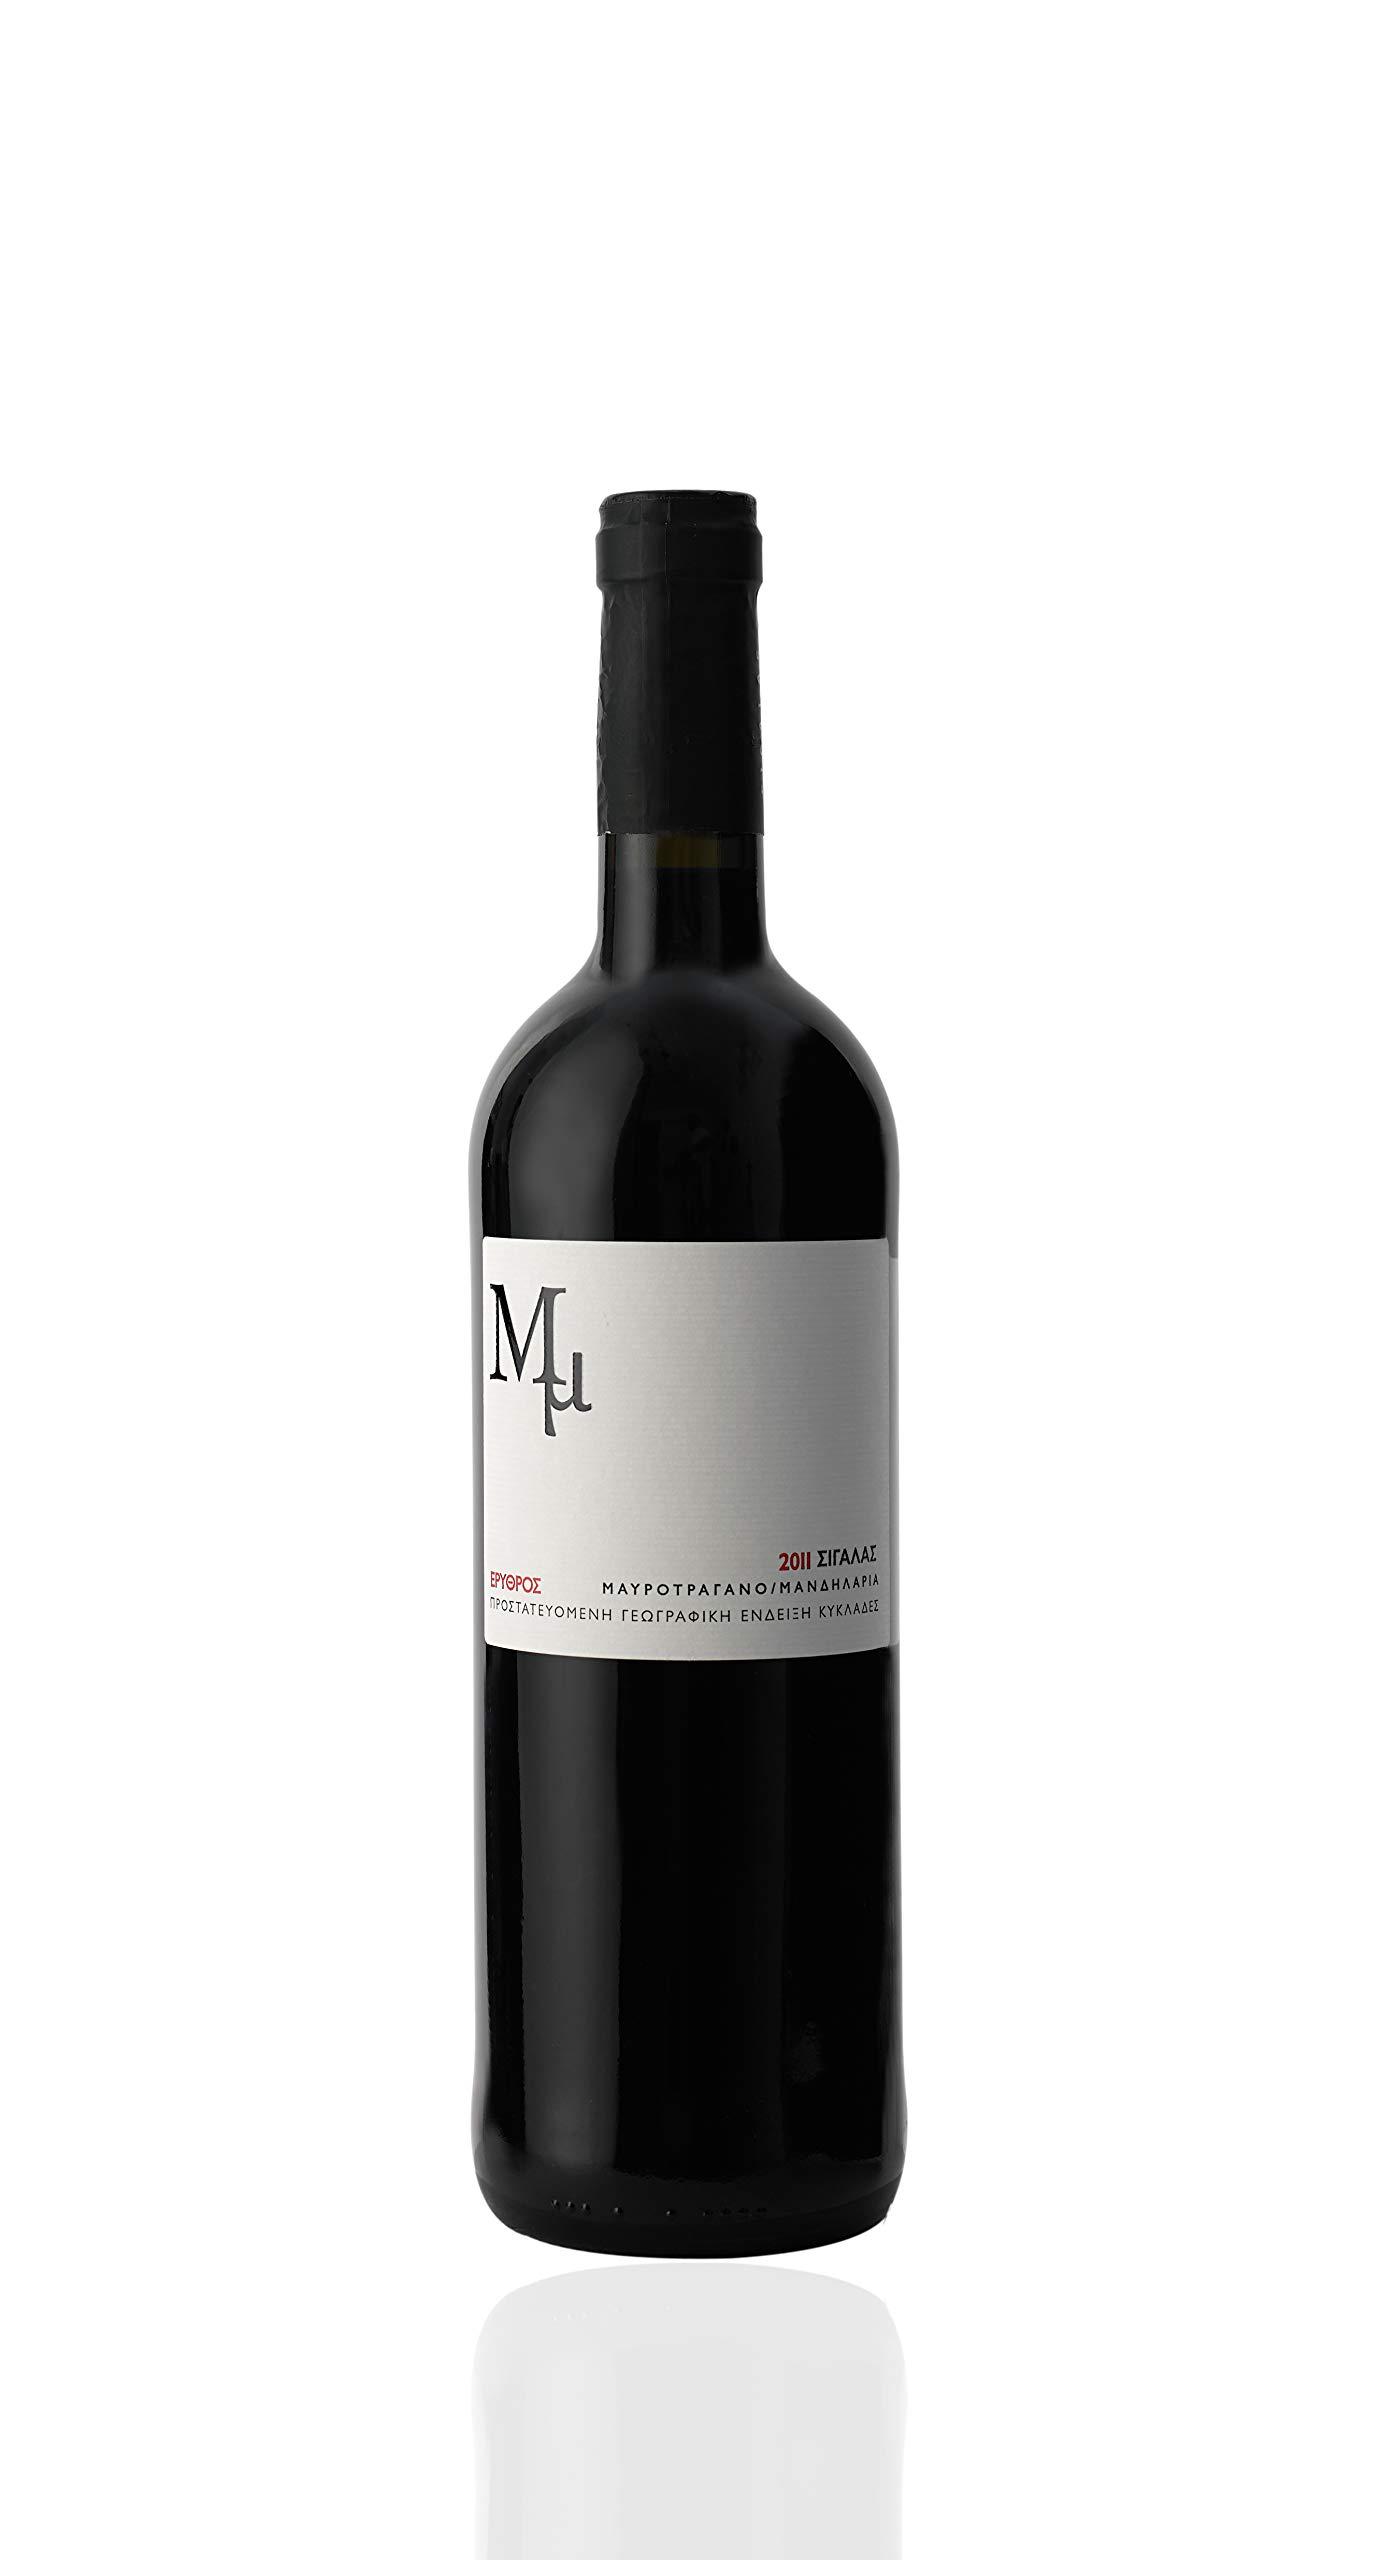 Domaine-Sigalas-Mm-Mandilaria-Mavrotragano-Rotwein-aus-Griechenland-2016-750ml